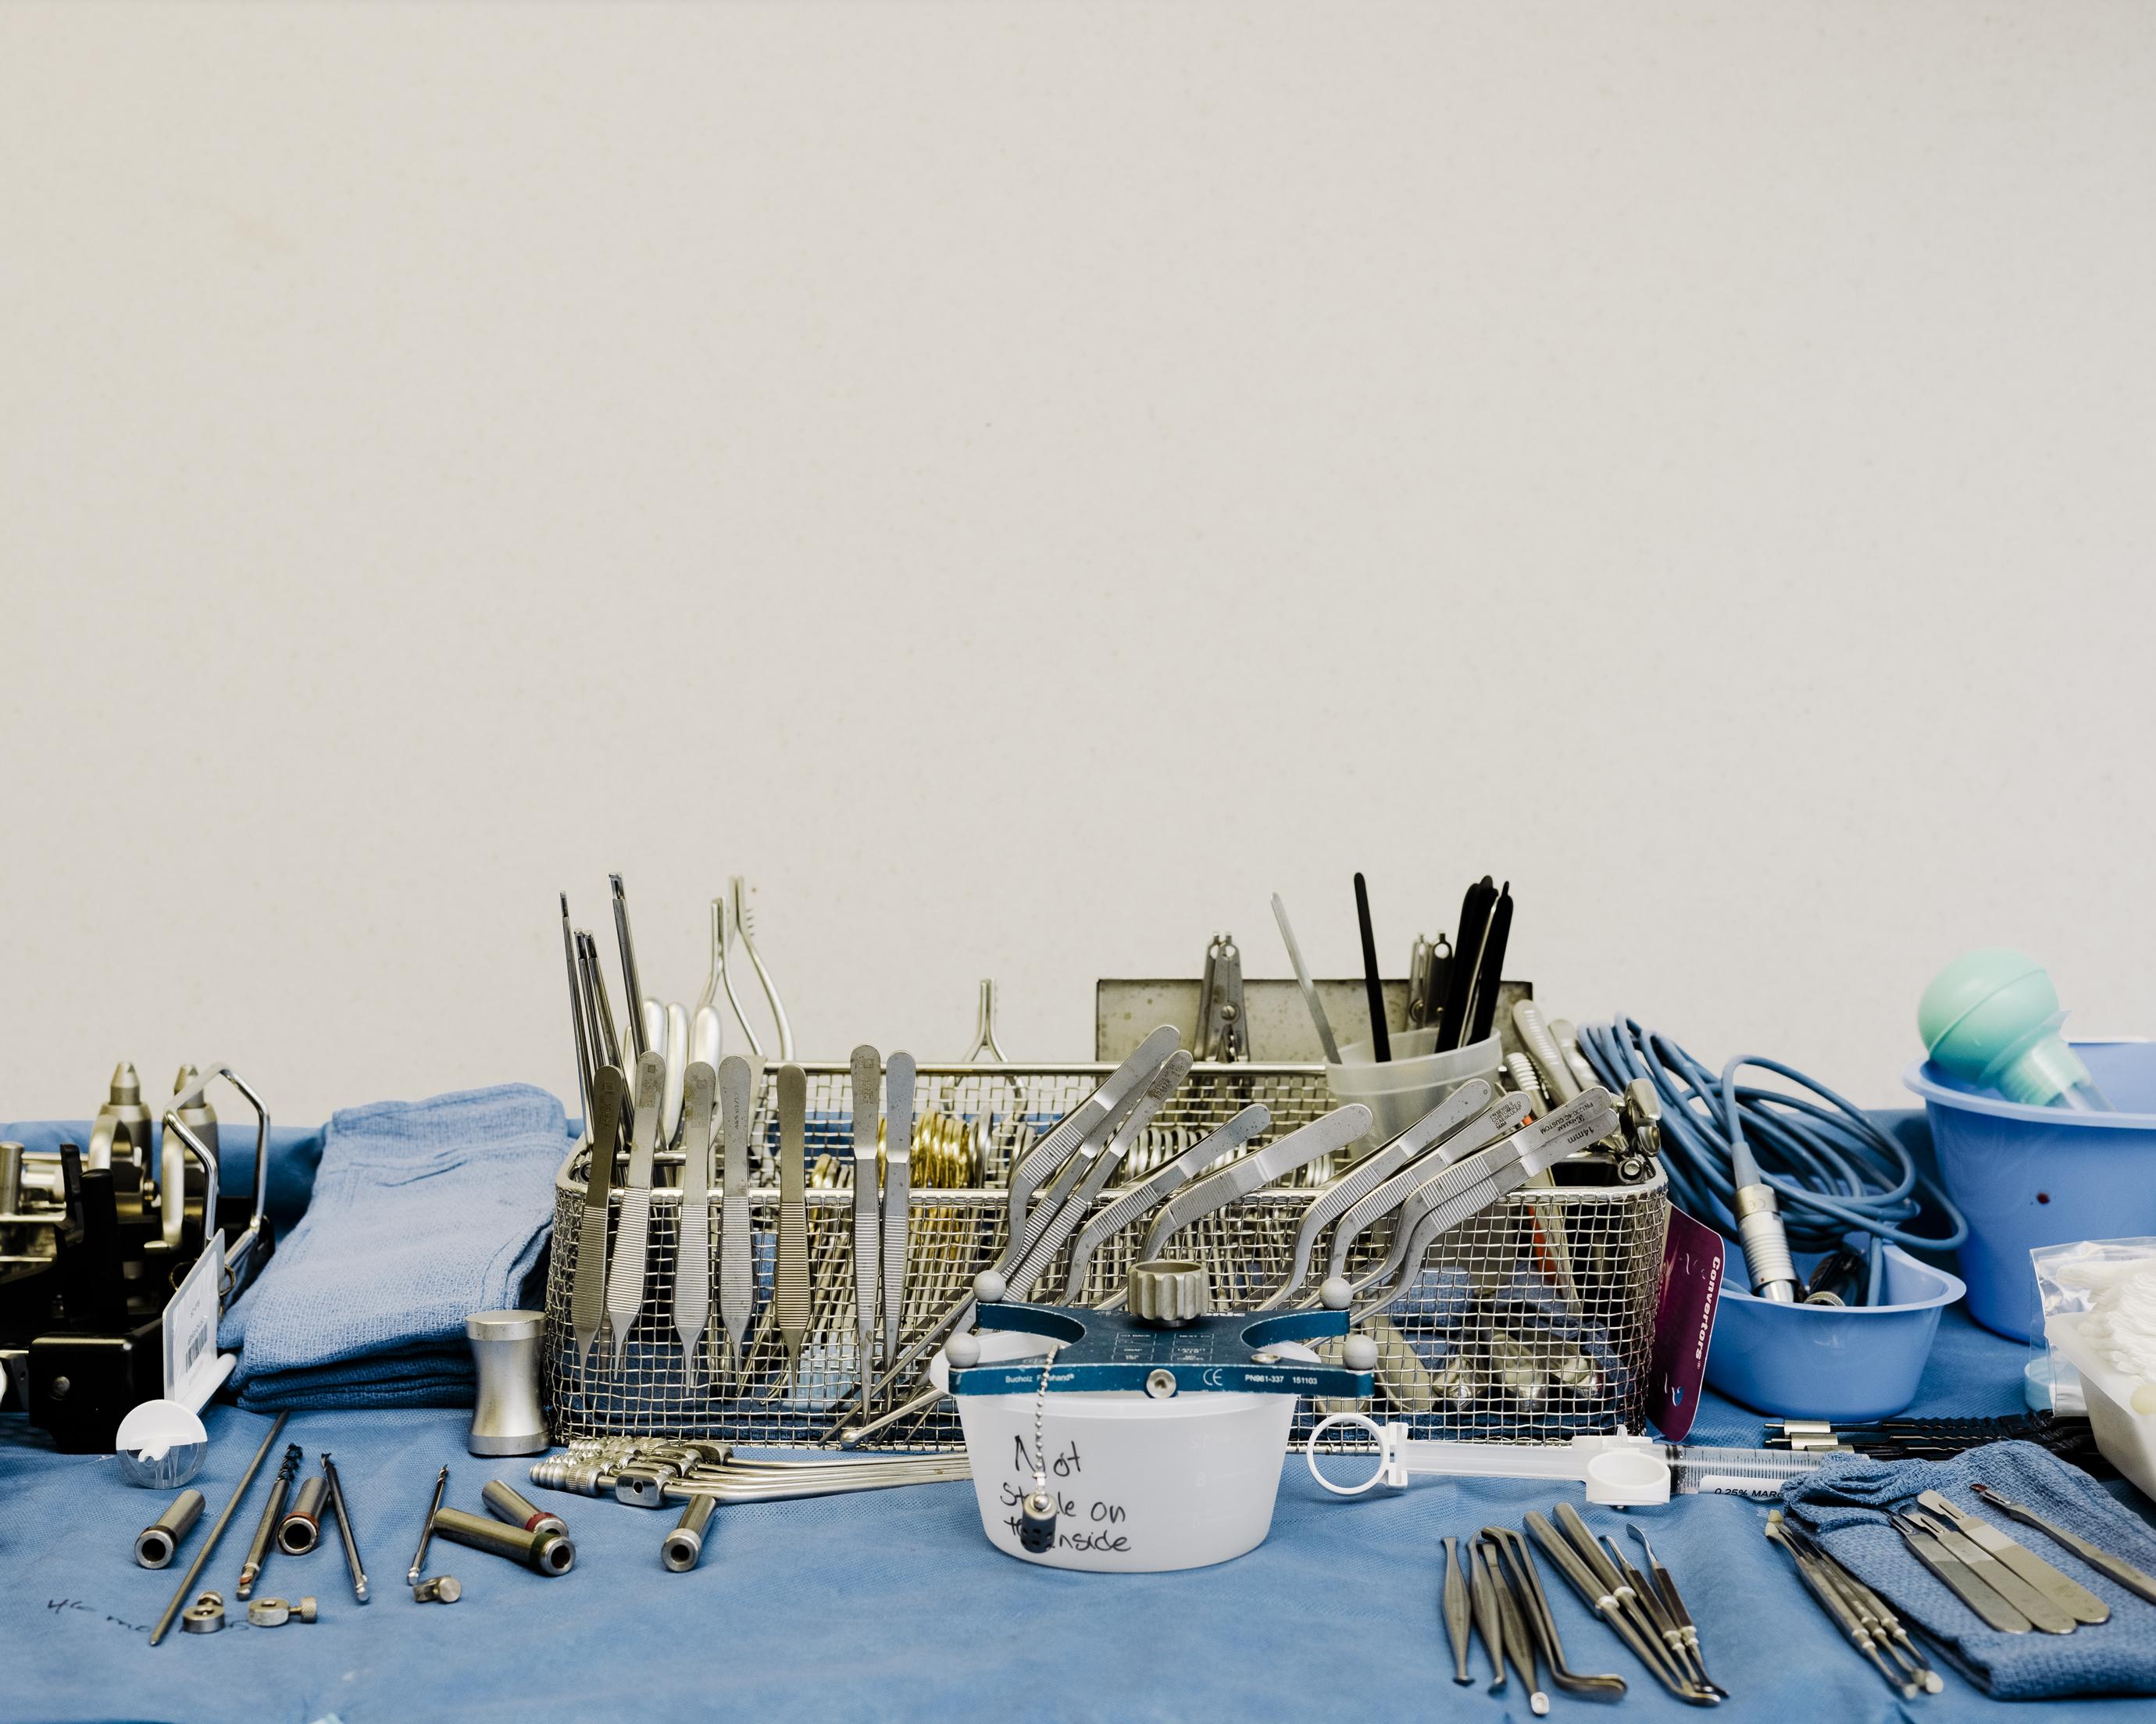 Las herramientas quirúrgicas de Leuthardt.